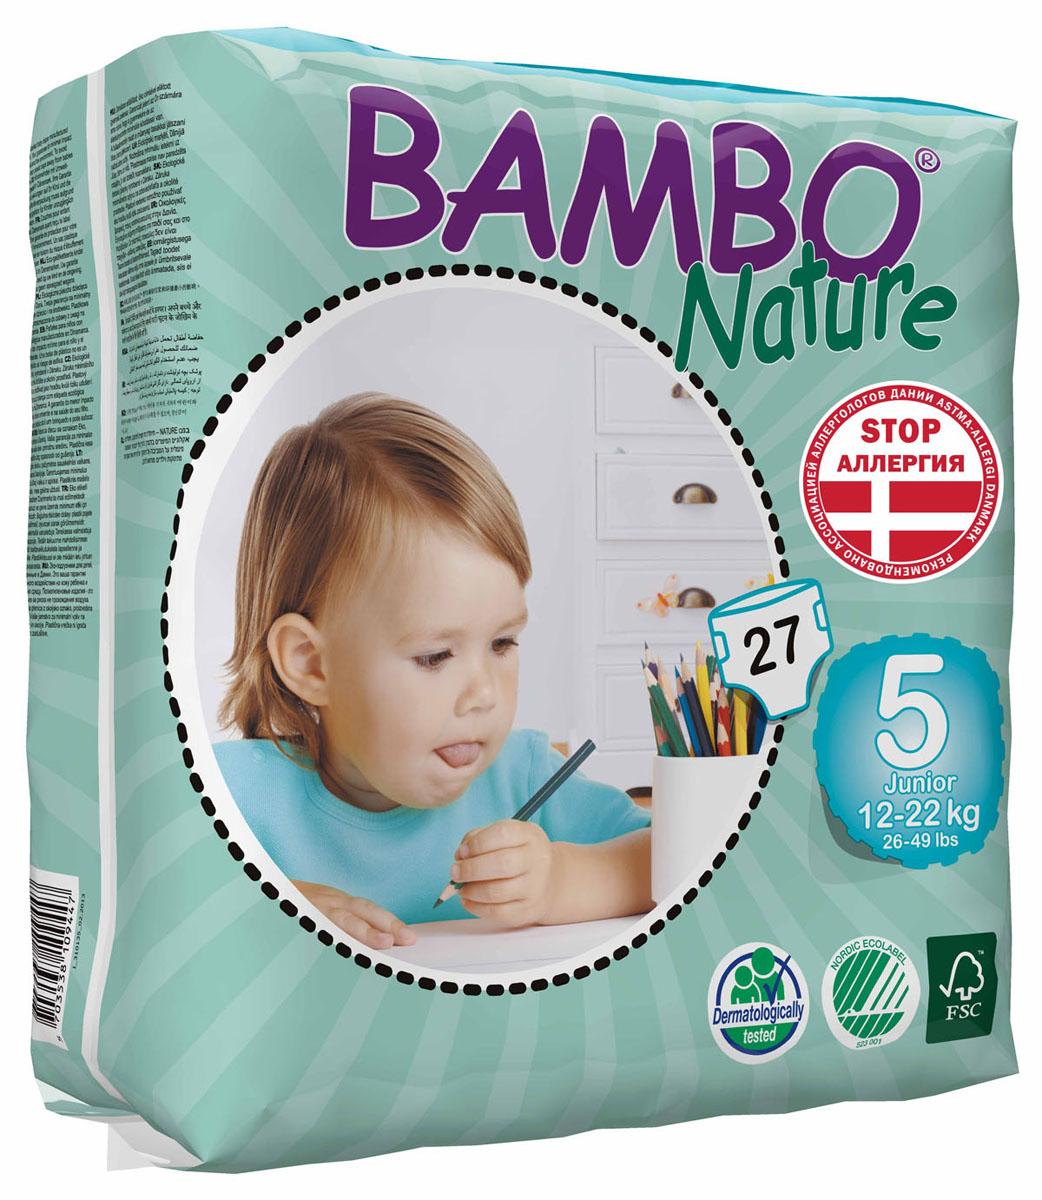 """Bambo Nature Подгузники детские одноразовые """"Junior"""", 12-22 кг, 27 шт"""